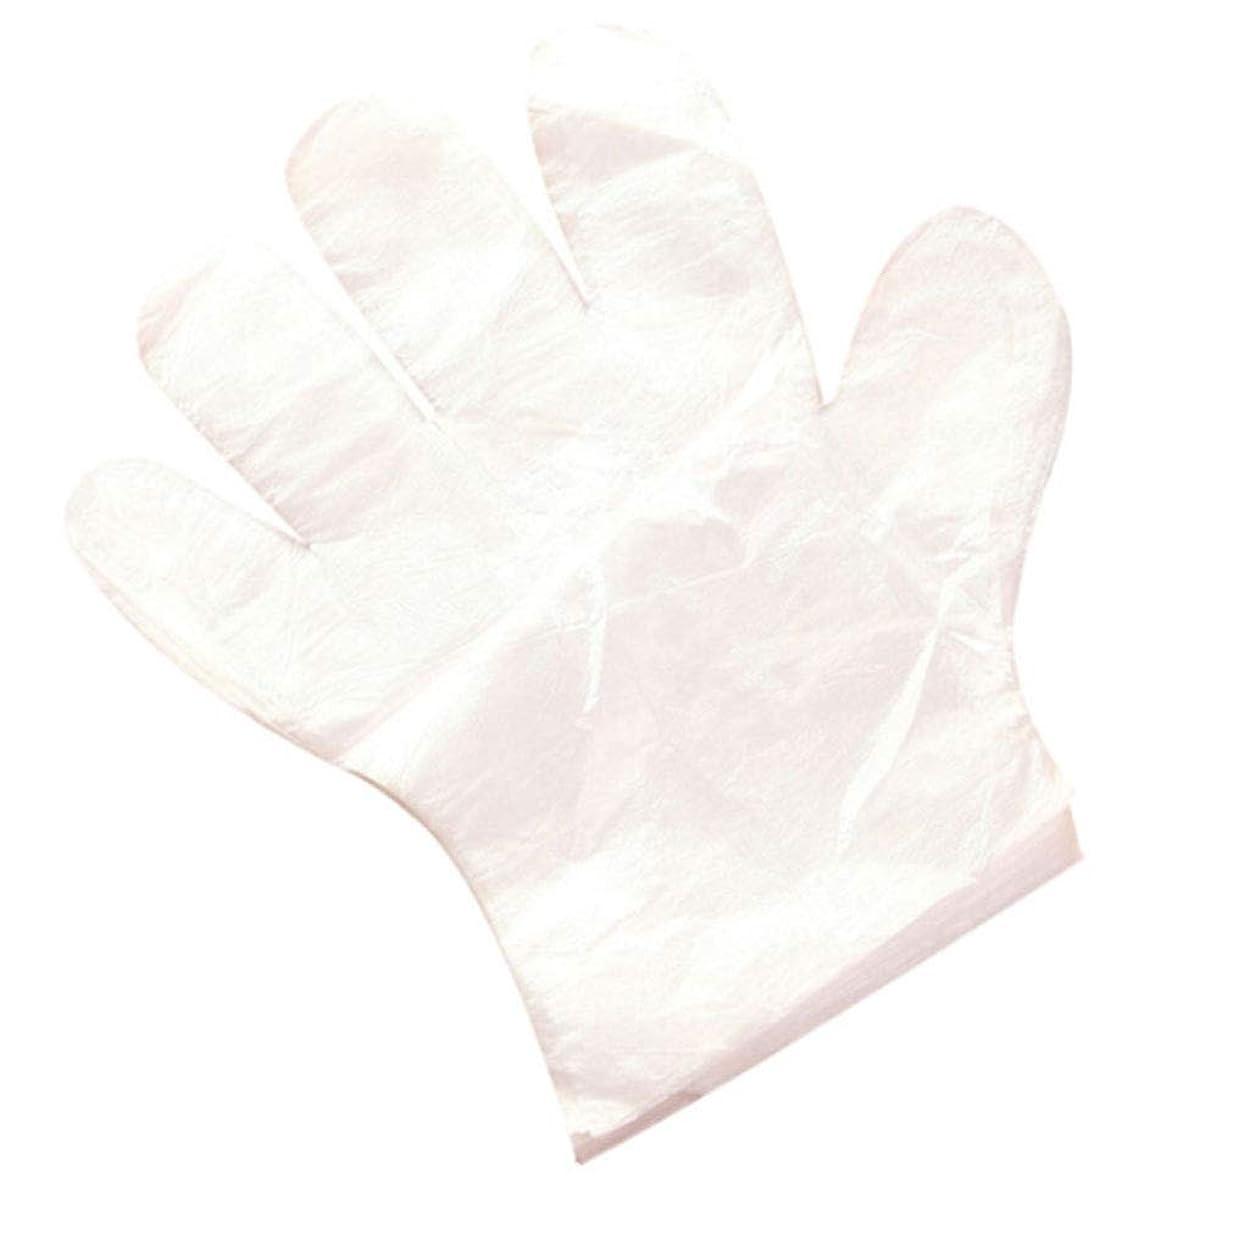 テープアカデミックより多い家庭用家庭の清掃および衛生用使い捨て手袋を食べる使い捨て手袋 (UnitCount : 500only)